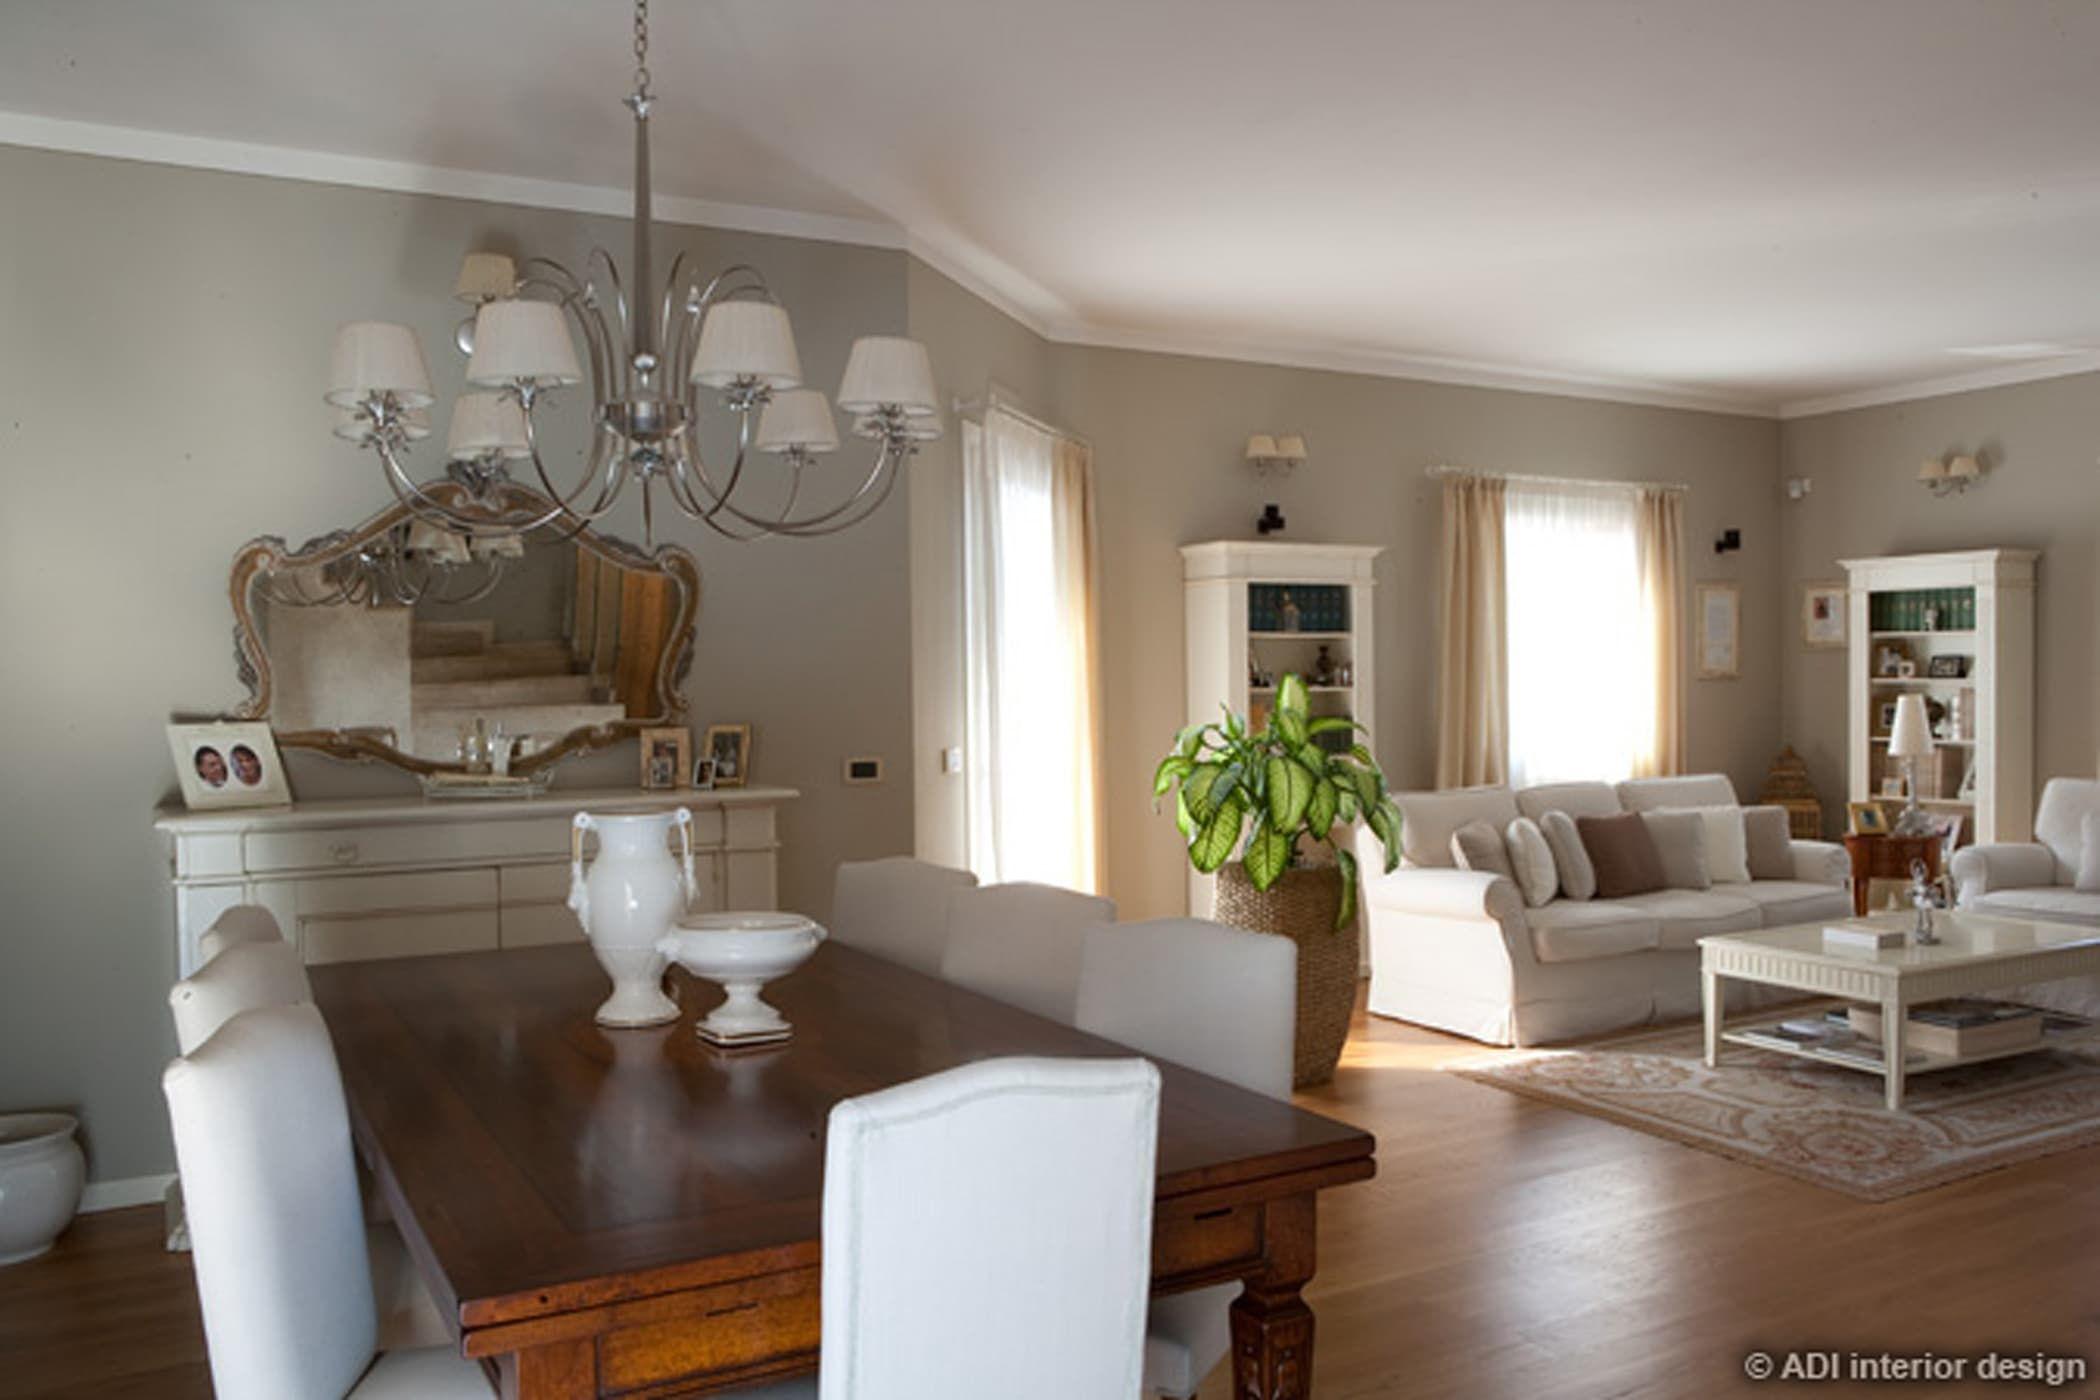 Casa raffinata sala da pranzo in stile di adi arredamenti for Gil arredamenti